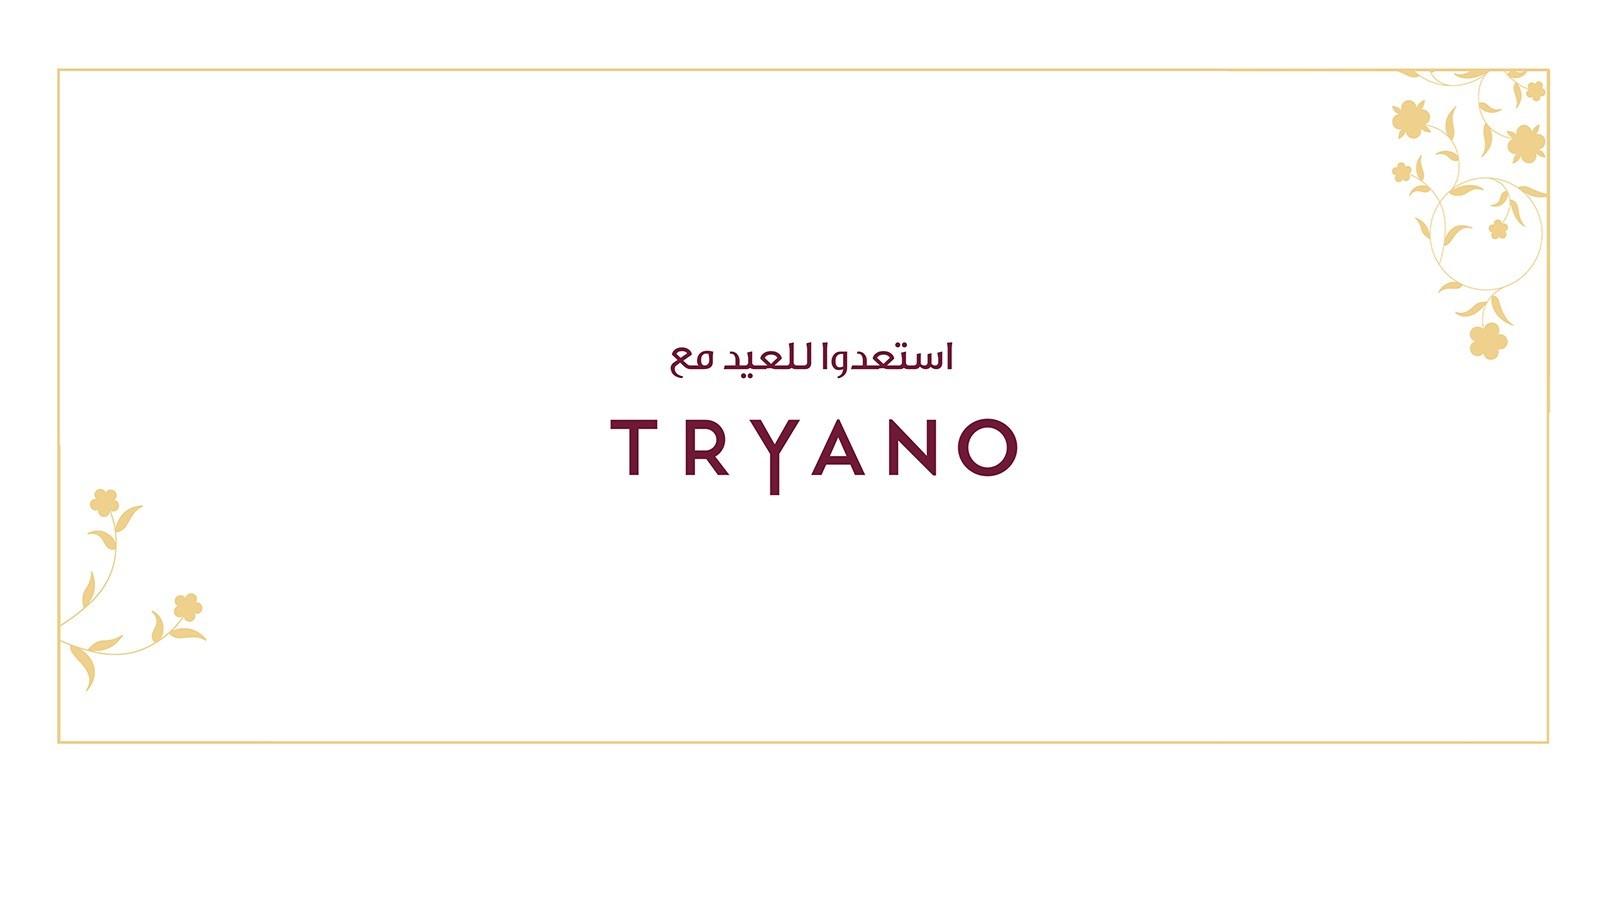 إطلالات العيد من Tryano.. بتوقيع زهرة الخليج